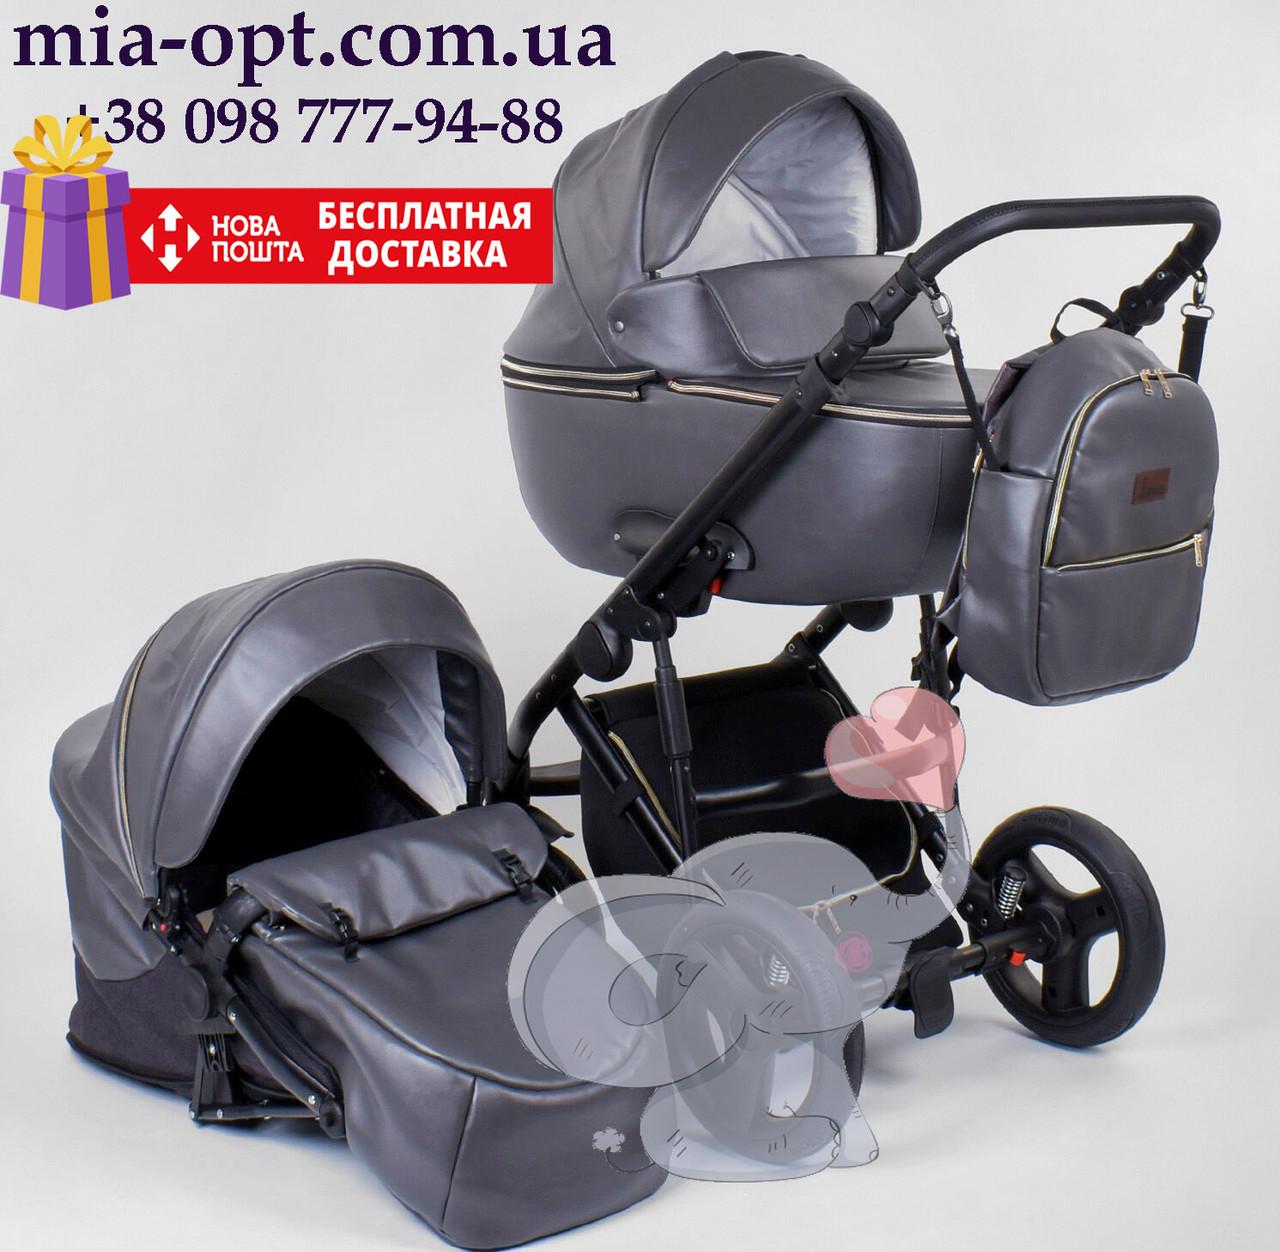 Детская коляска 2 в 1 Roxy (Rosy)  эко кожа серая